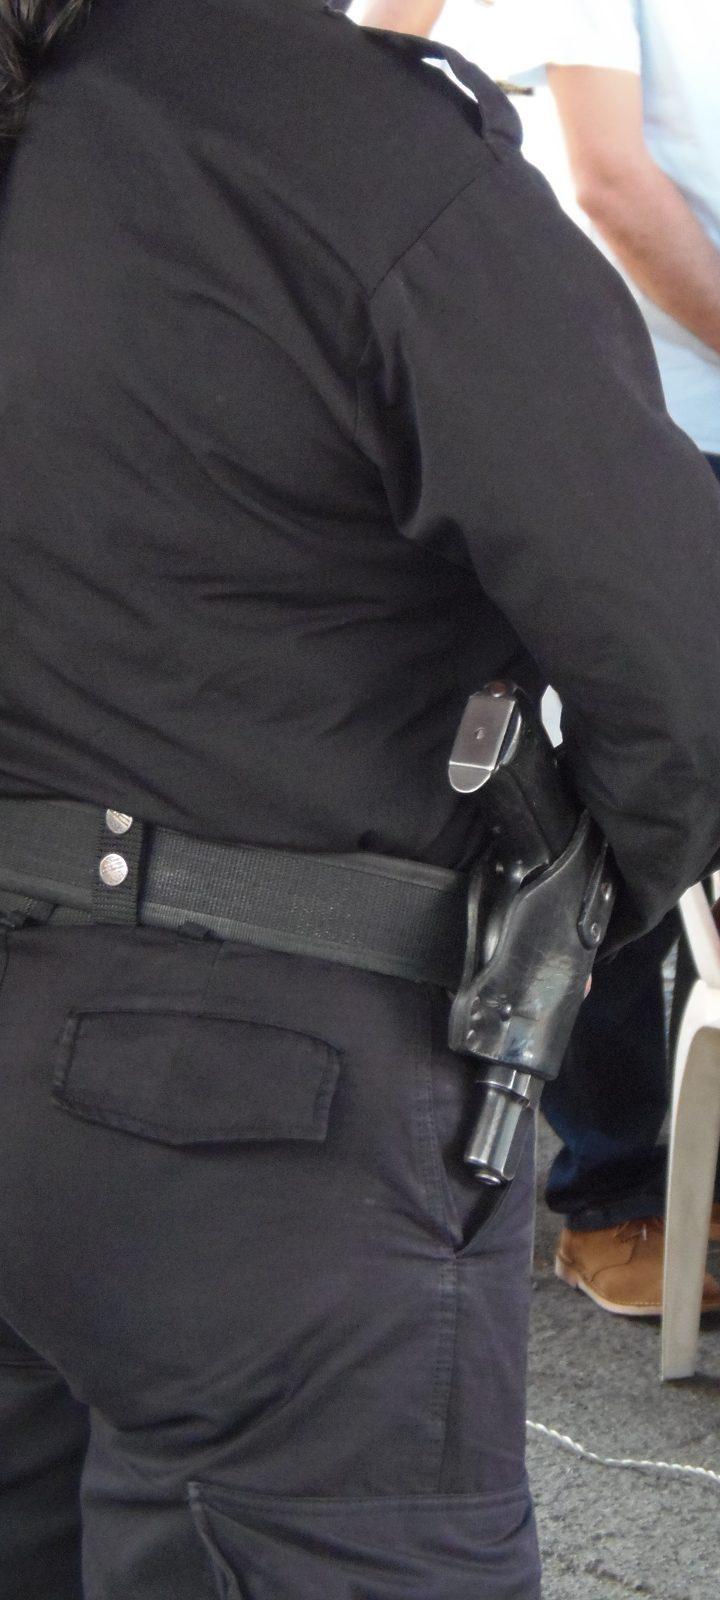 Agentes policiales capturan a sujeto por el delito de homicidio agravado